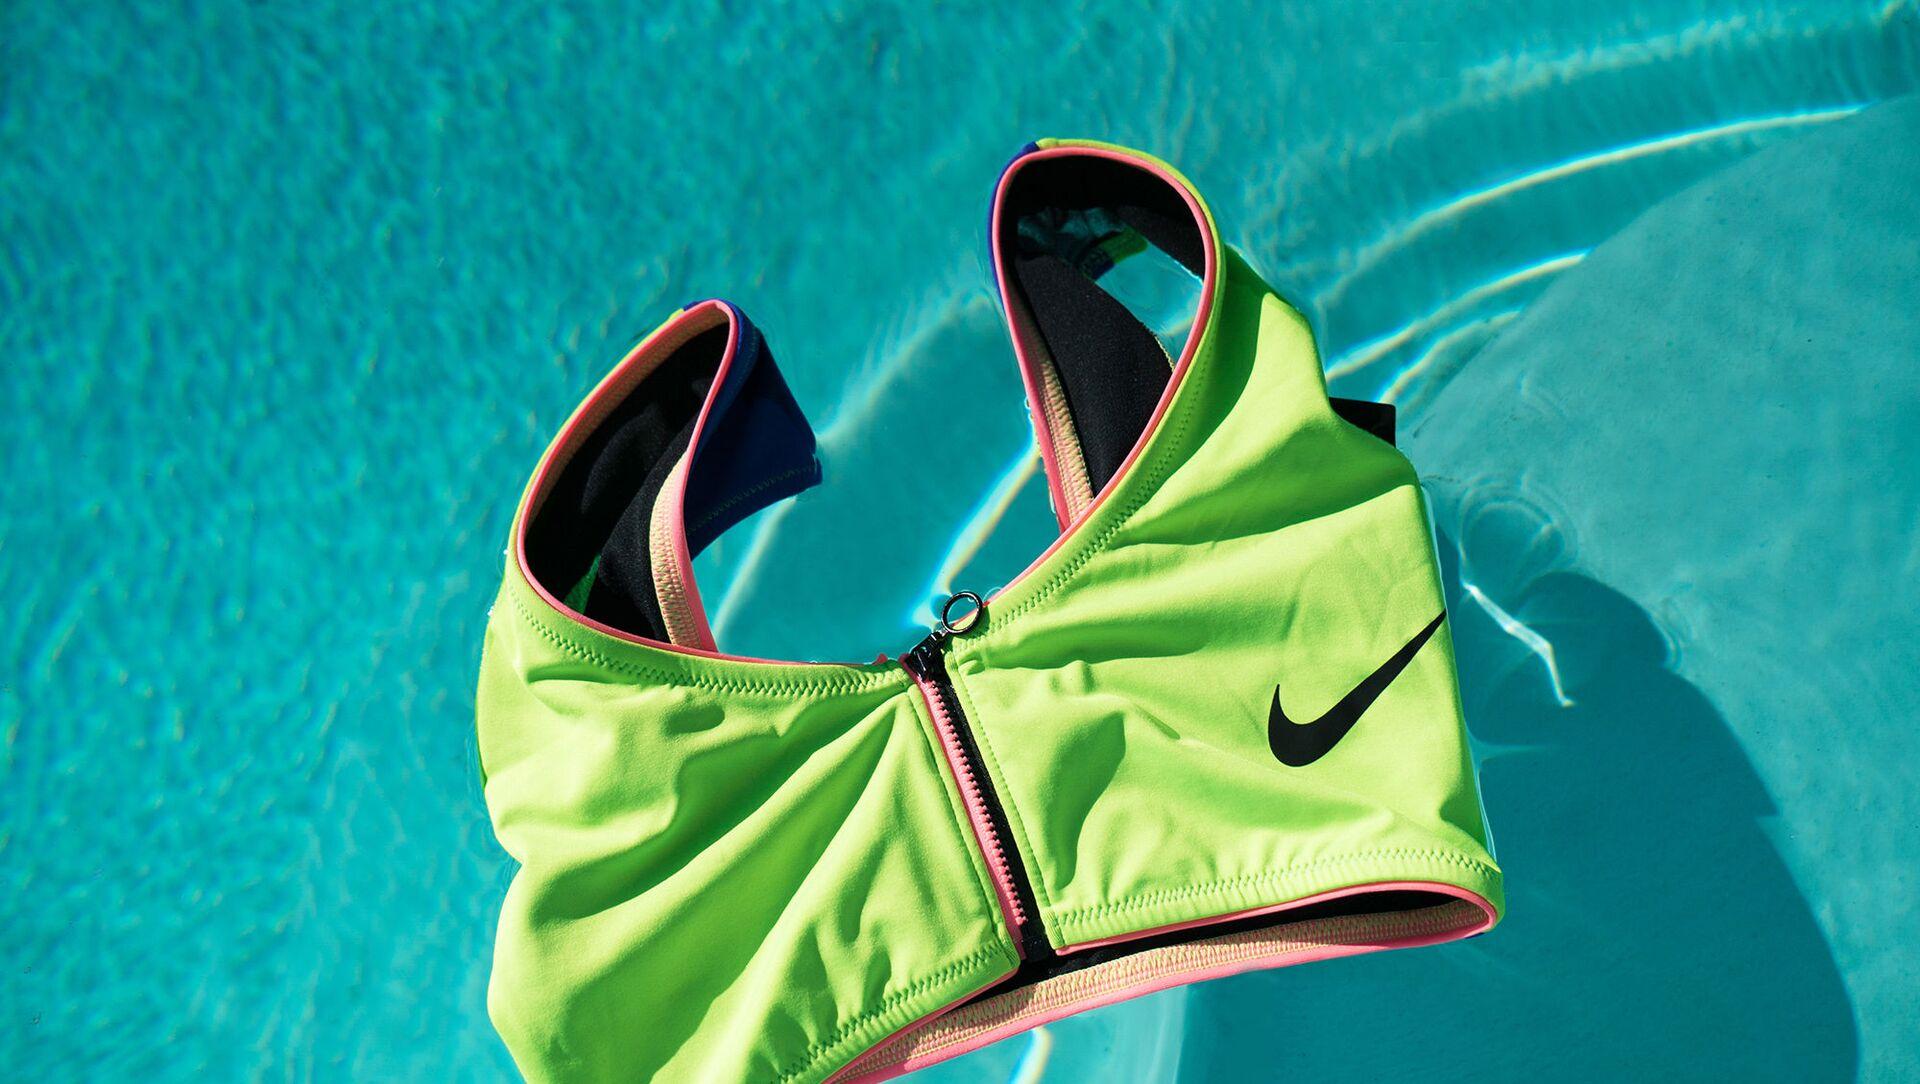 Nike выпустил свою первую экологичную коллекцию купальников из переработанных материалов - Sputnik Азербайджан, 1920, 07.04.2021